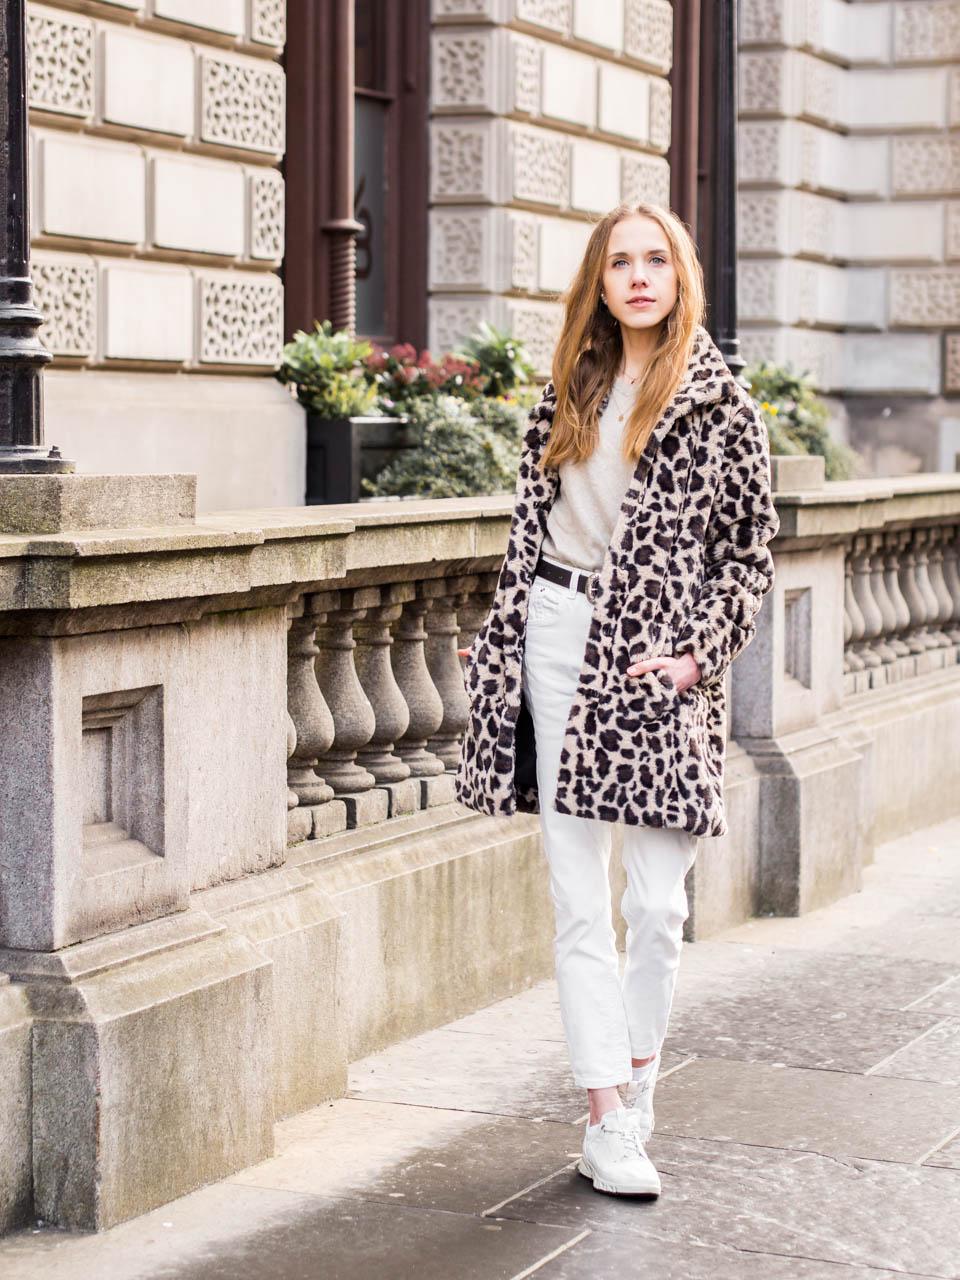 How to wear leopard print - Kuinka pukeutua leopardikuosiin